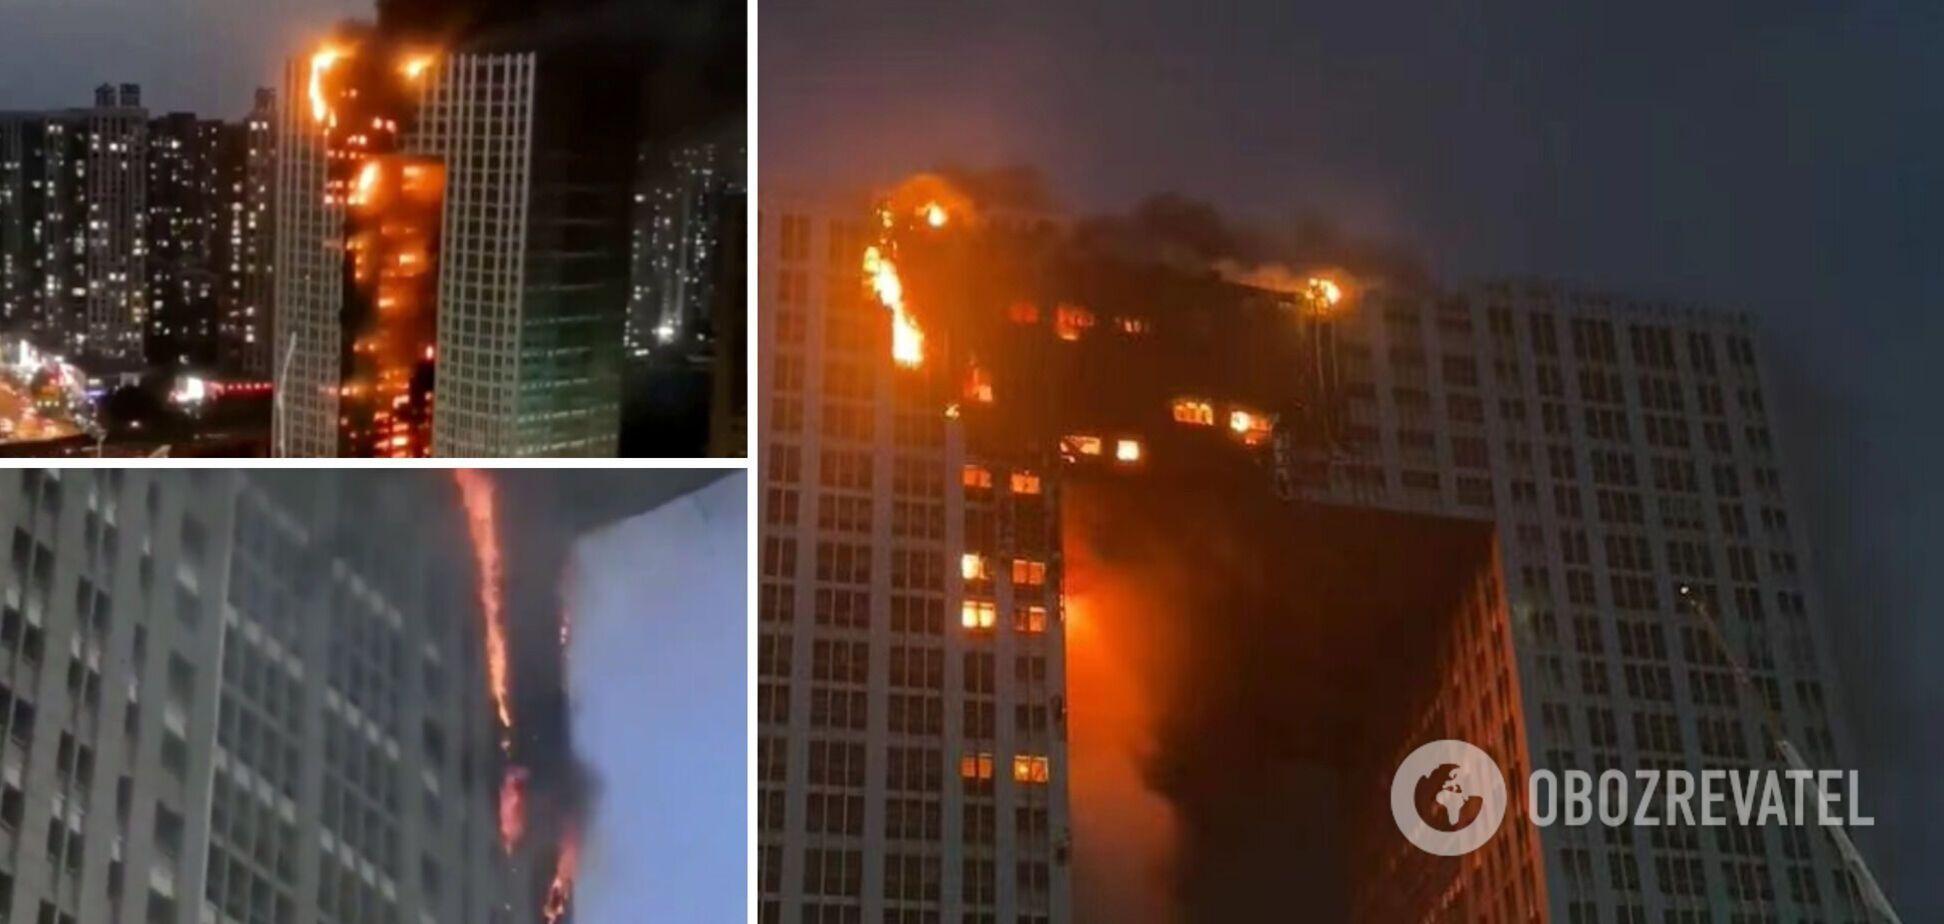 В Китае вспыхнул небоскреб, в котором живет 800 человек. Фото и видео